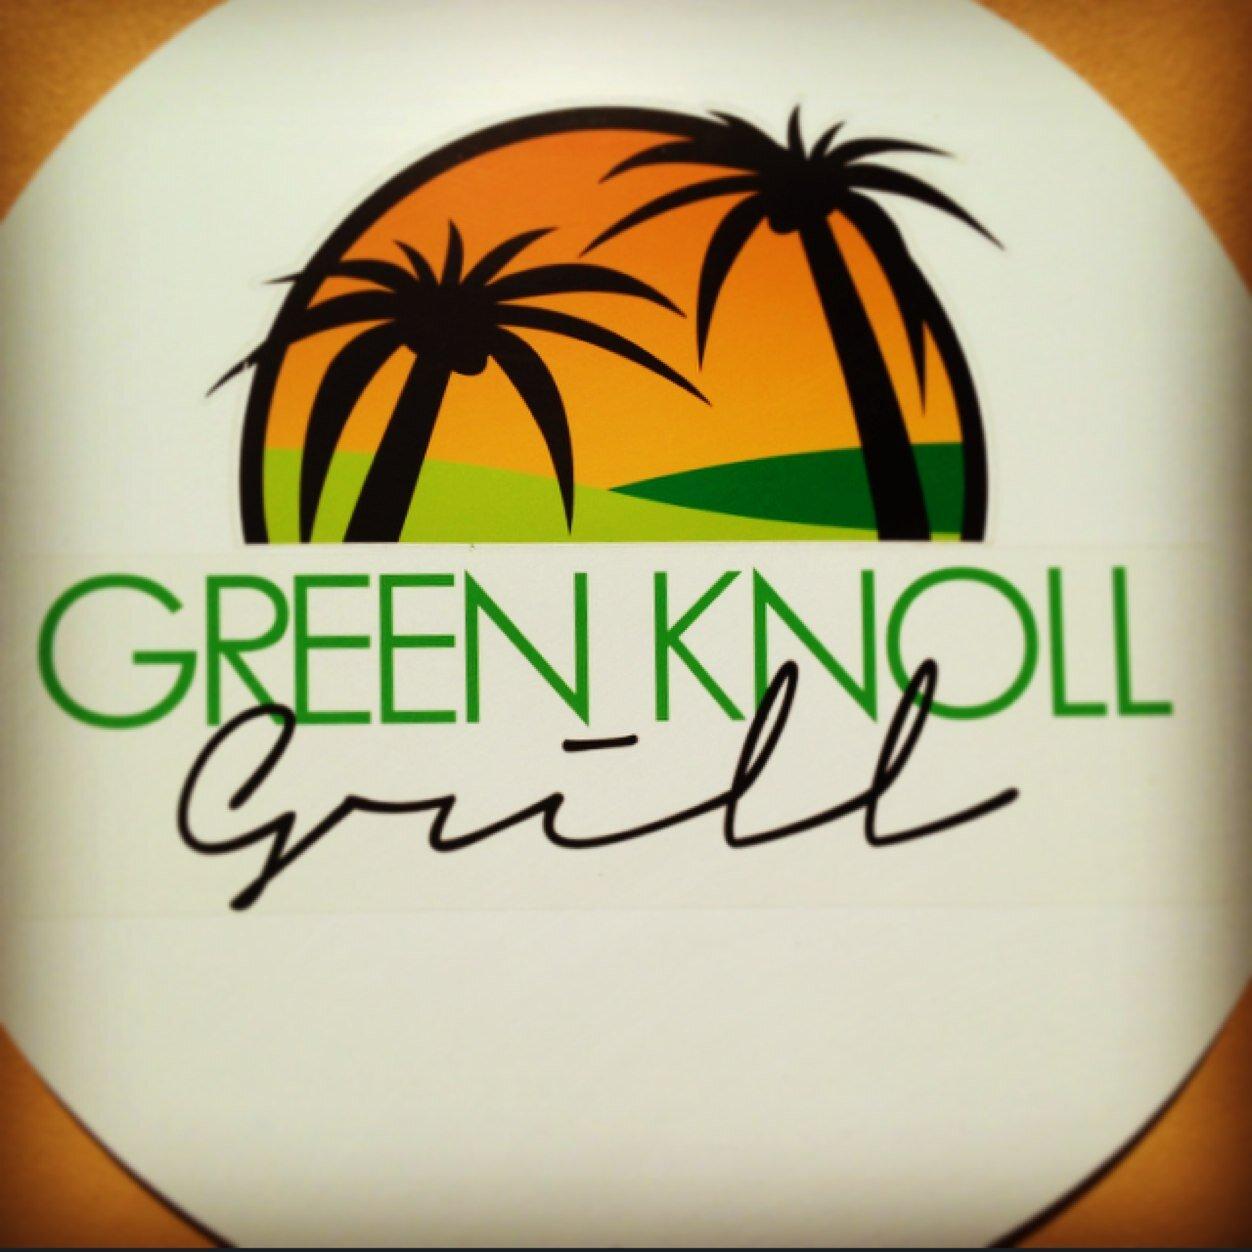 Green knoll grill bridgewater